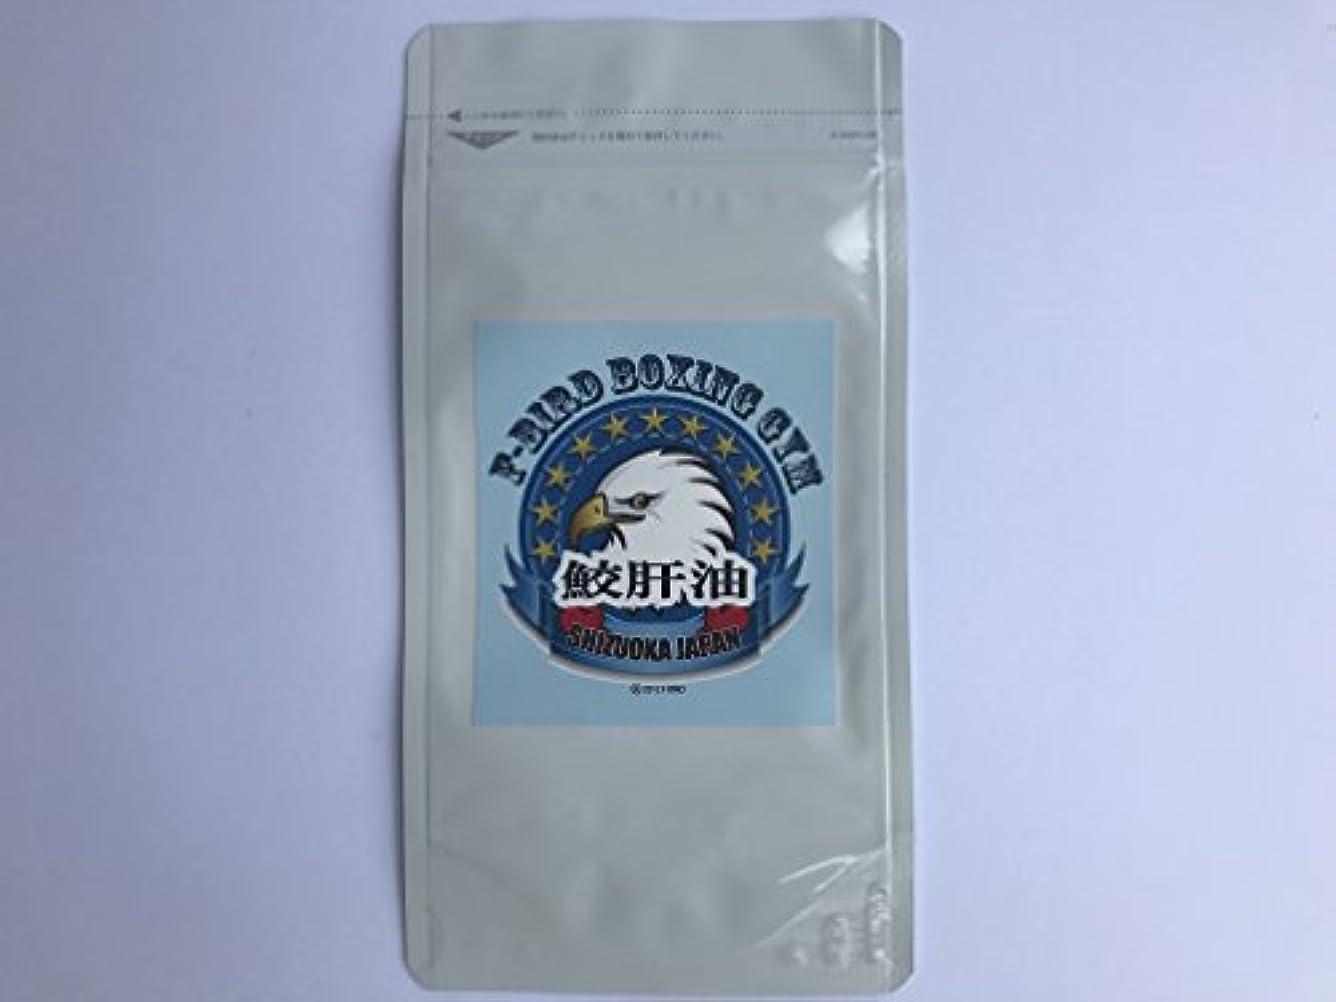 検出器対抗太い【F-BIRD BOXING サプリメント】 深海鮫肝油(スクアレン99.7%含有) 90ソフトカプセル